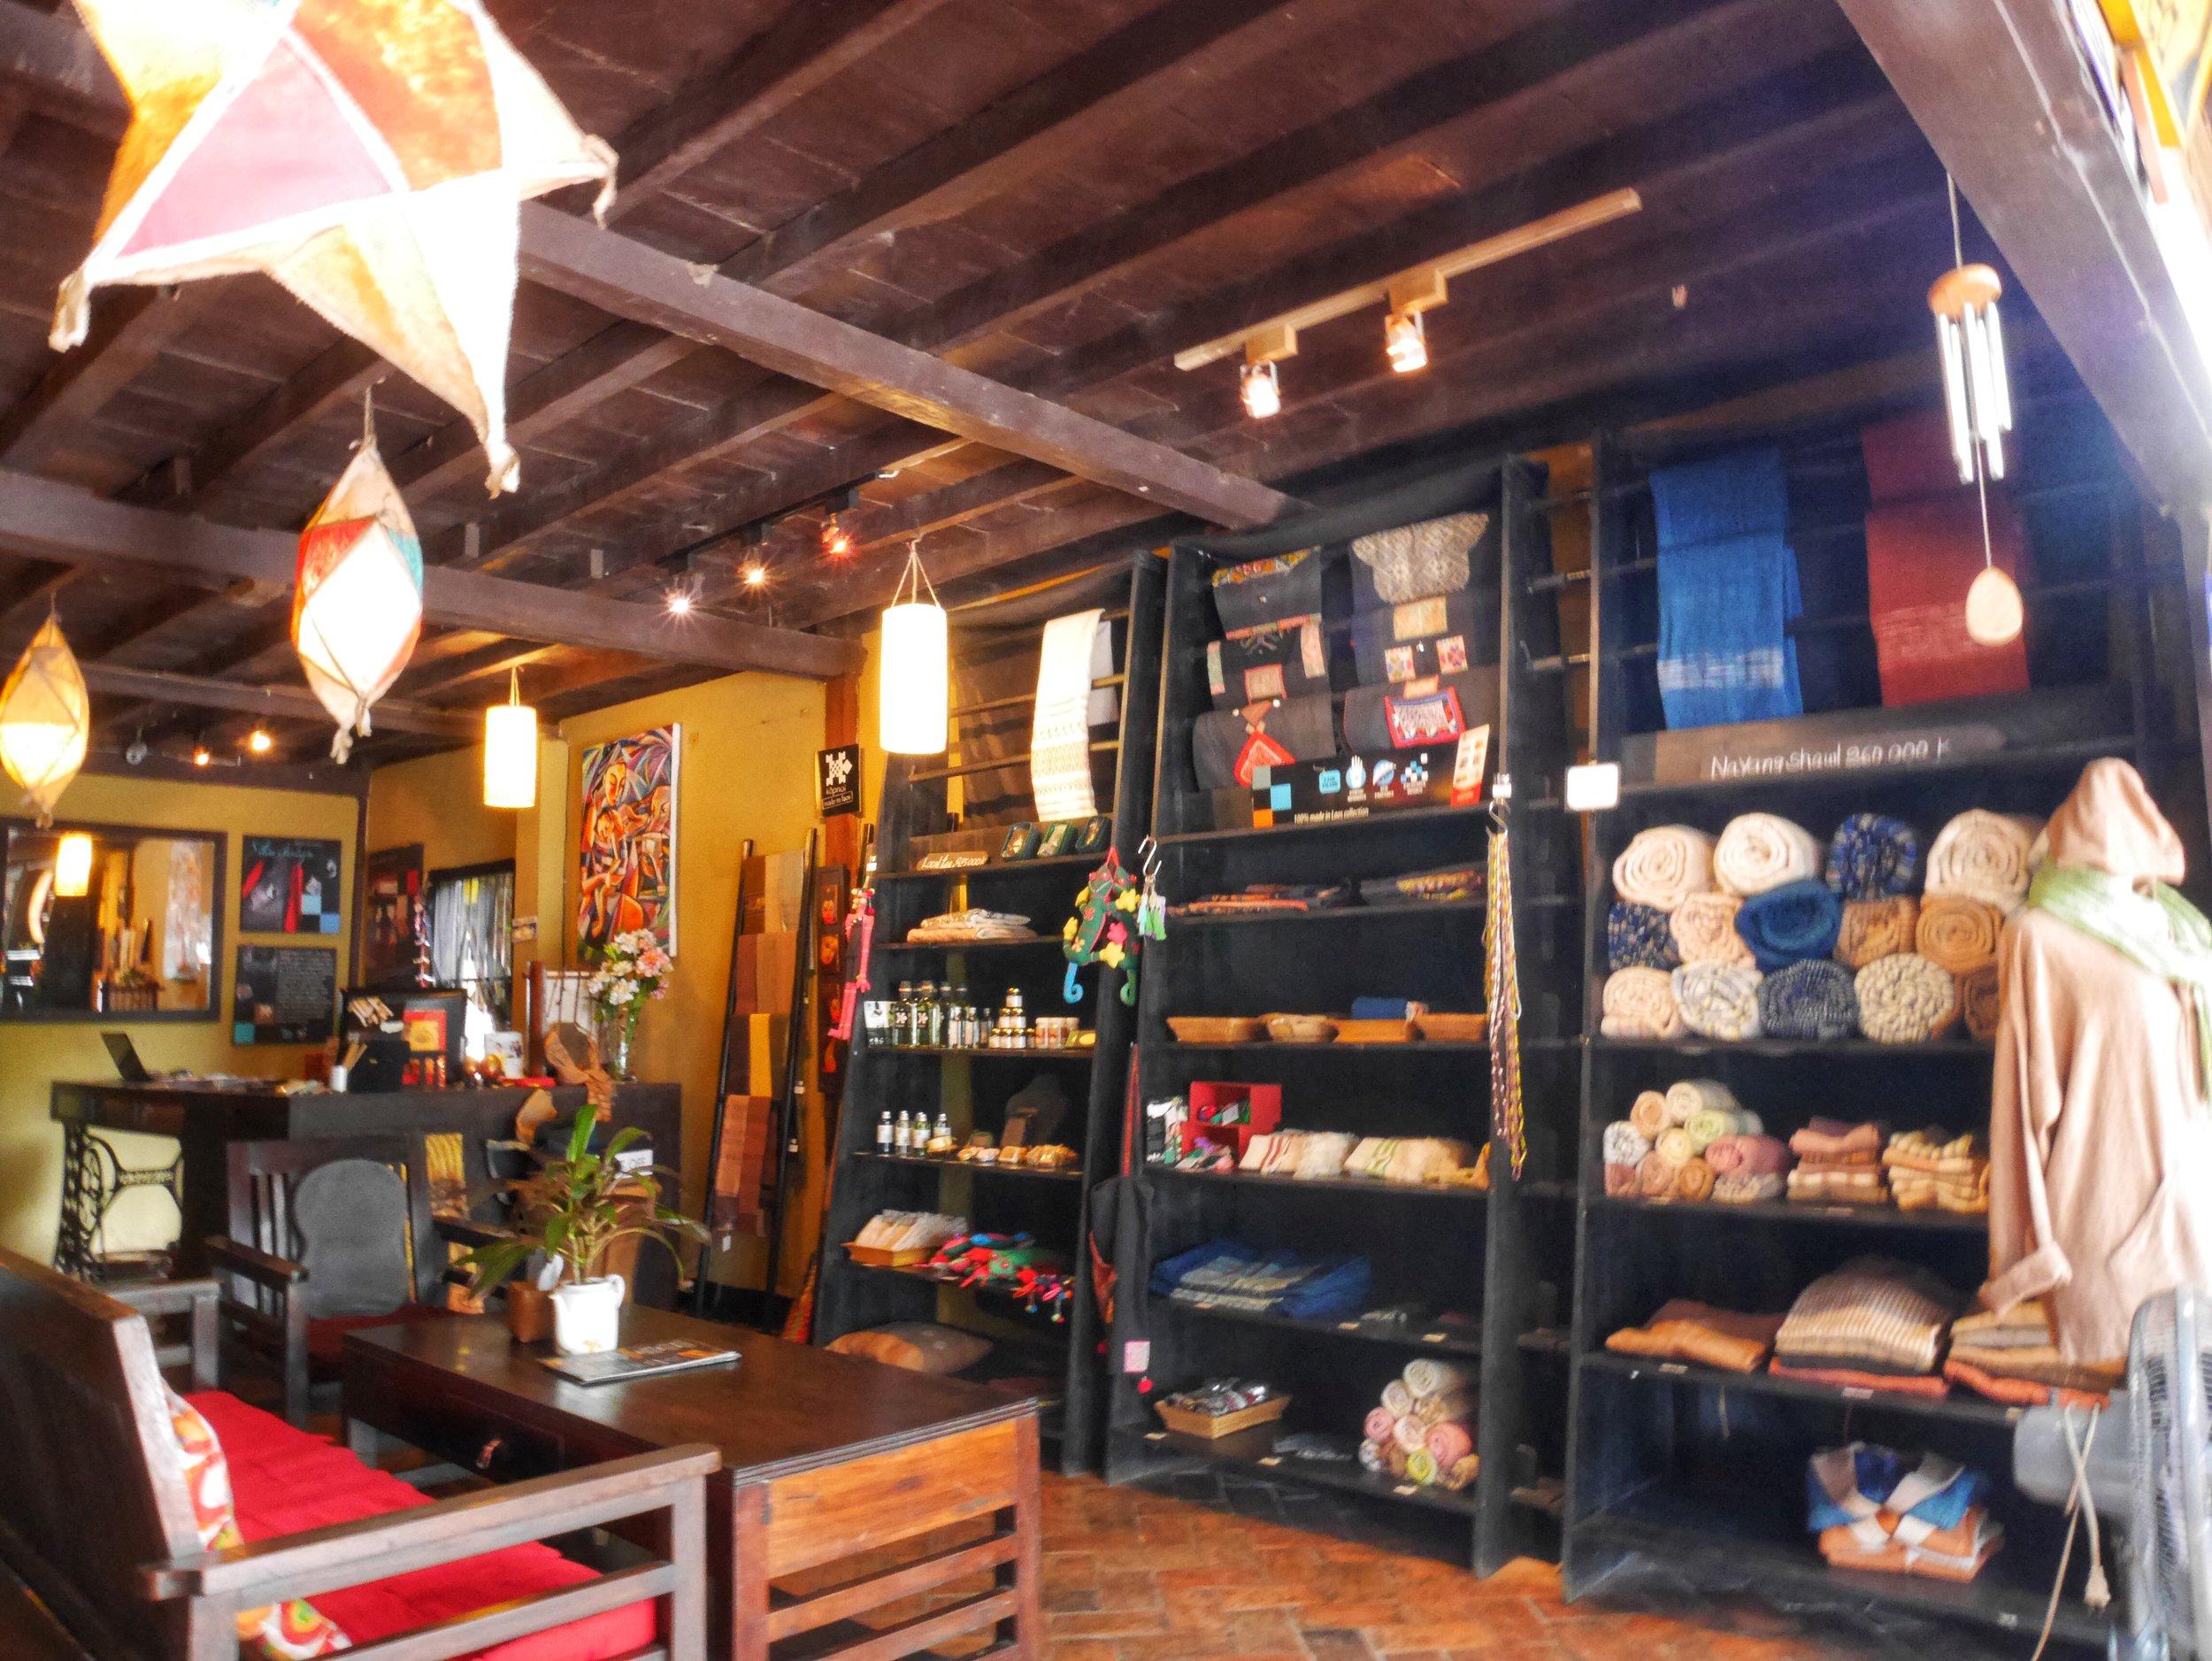 Letranger book & tea cafe, Luang Prabang